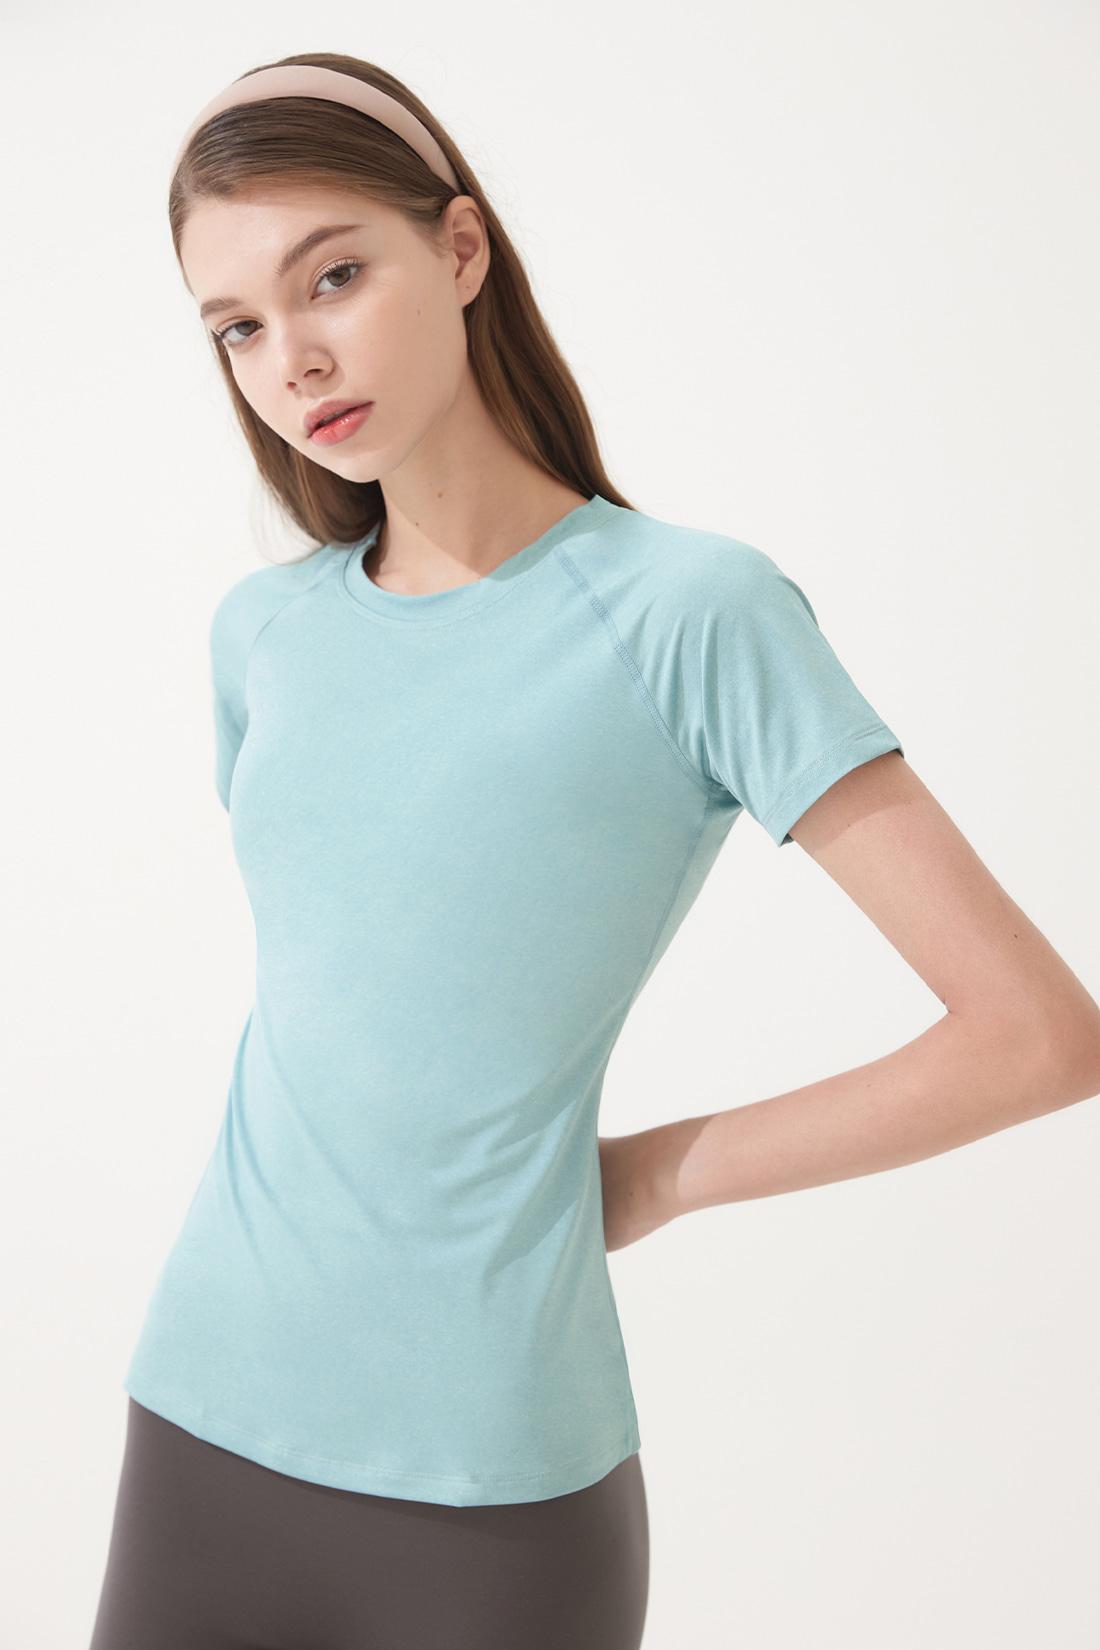 슬릭 티셔츠 스카이블루 Sky Blue